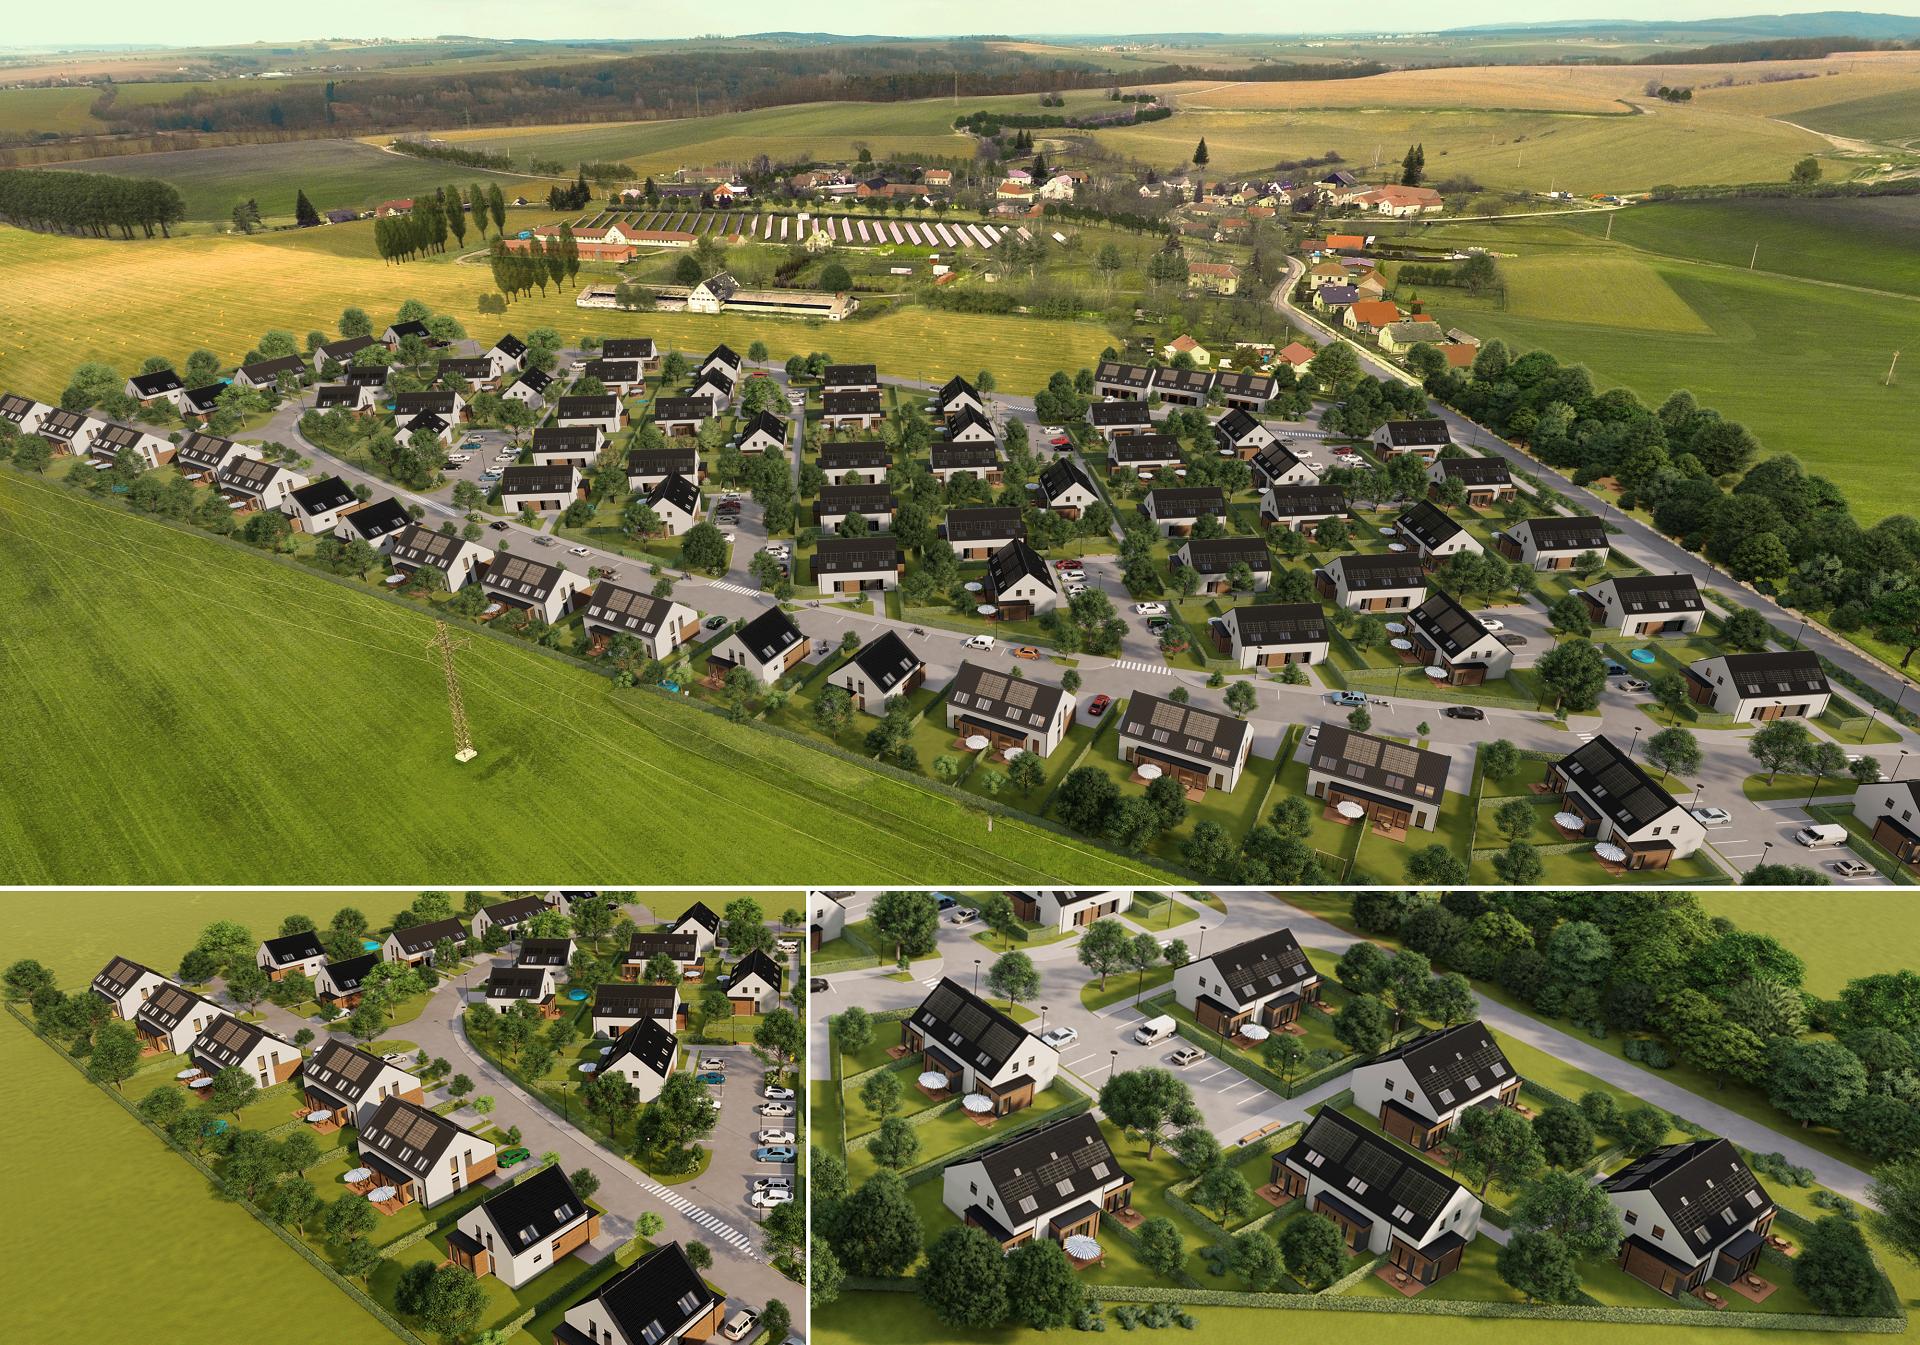 V Rodově vyrůstá bydlení šetrné k životnímu prostředí, ale i kapse klientů